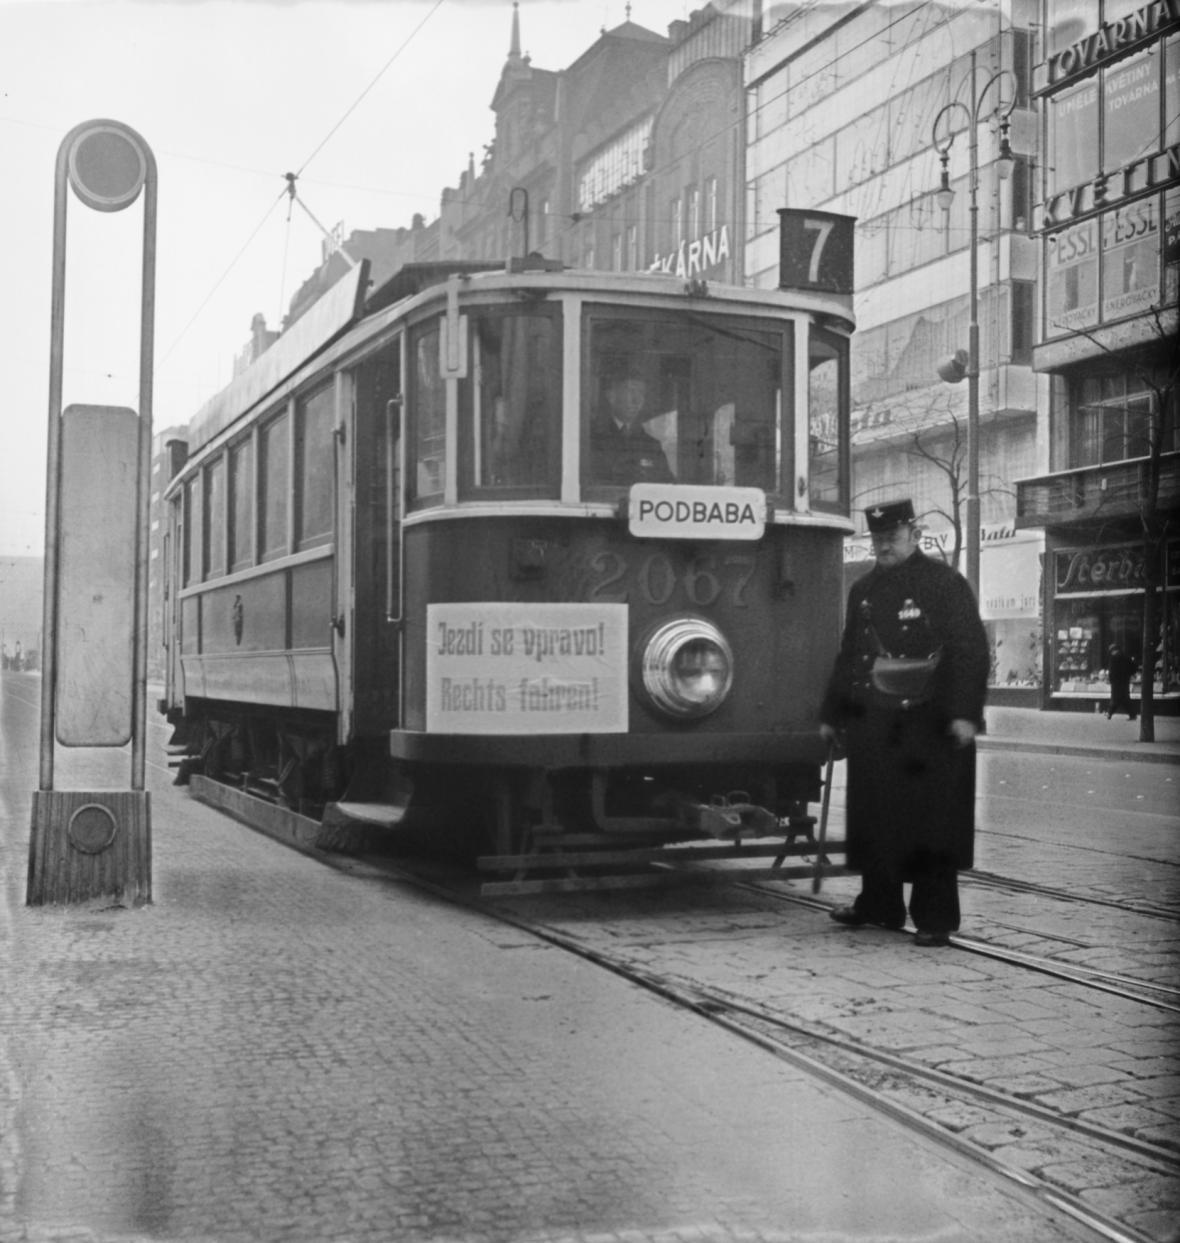 Tramvaj na Můstku s českým a německým nápisem oznamujícím jízdu vpravo